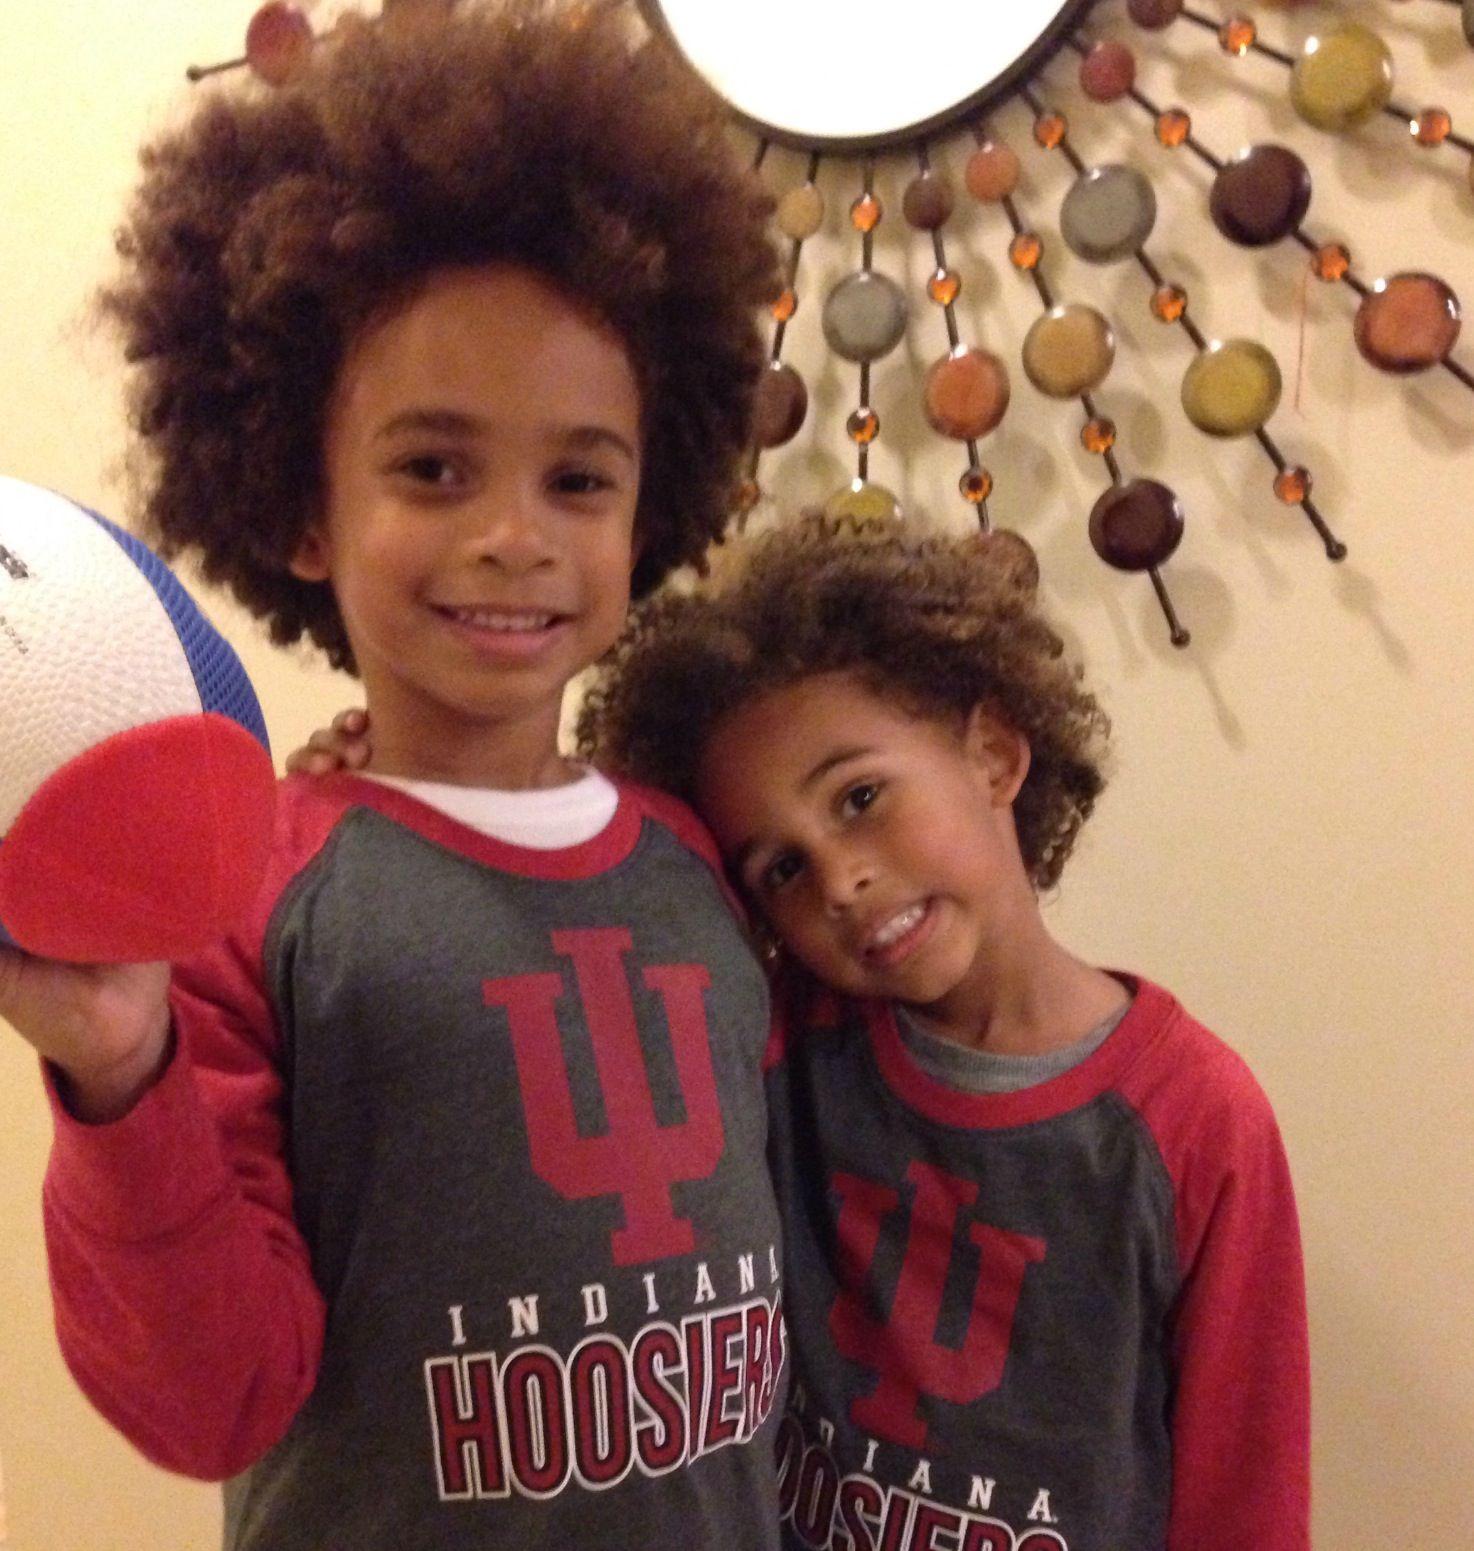 Curly hair mixed kids Hoosiers